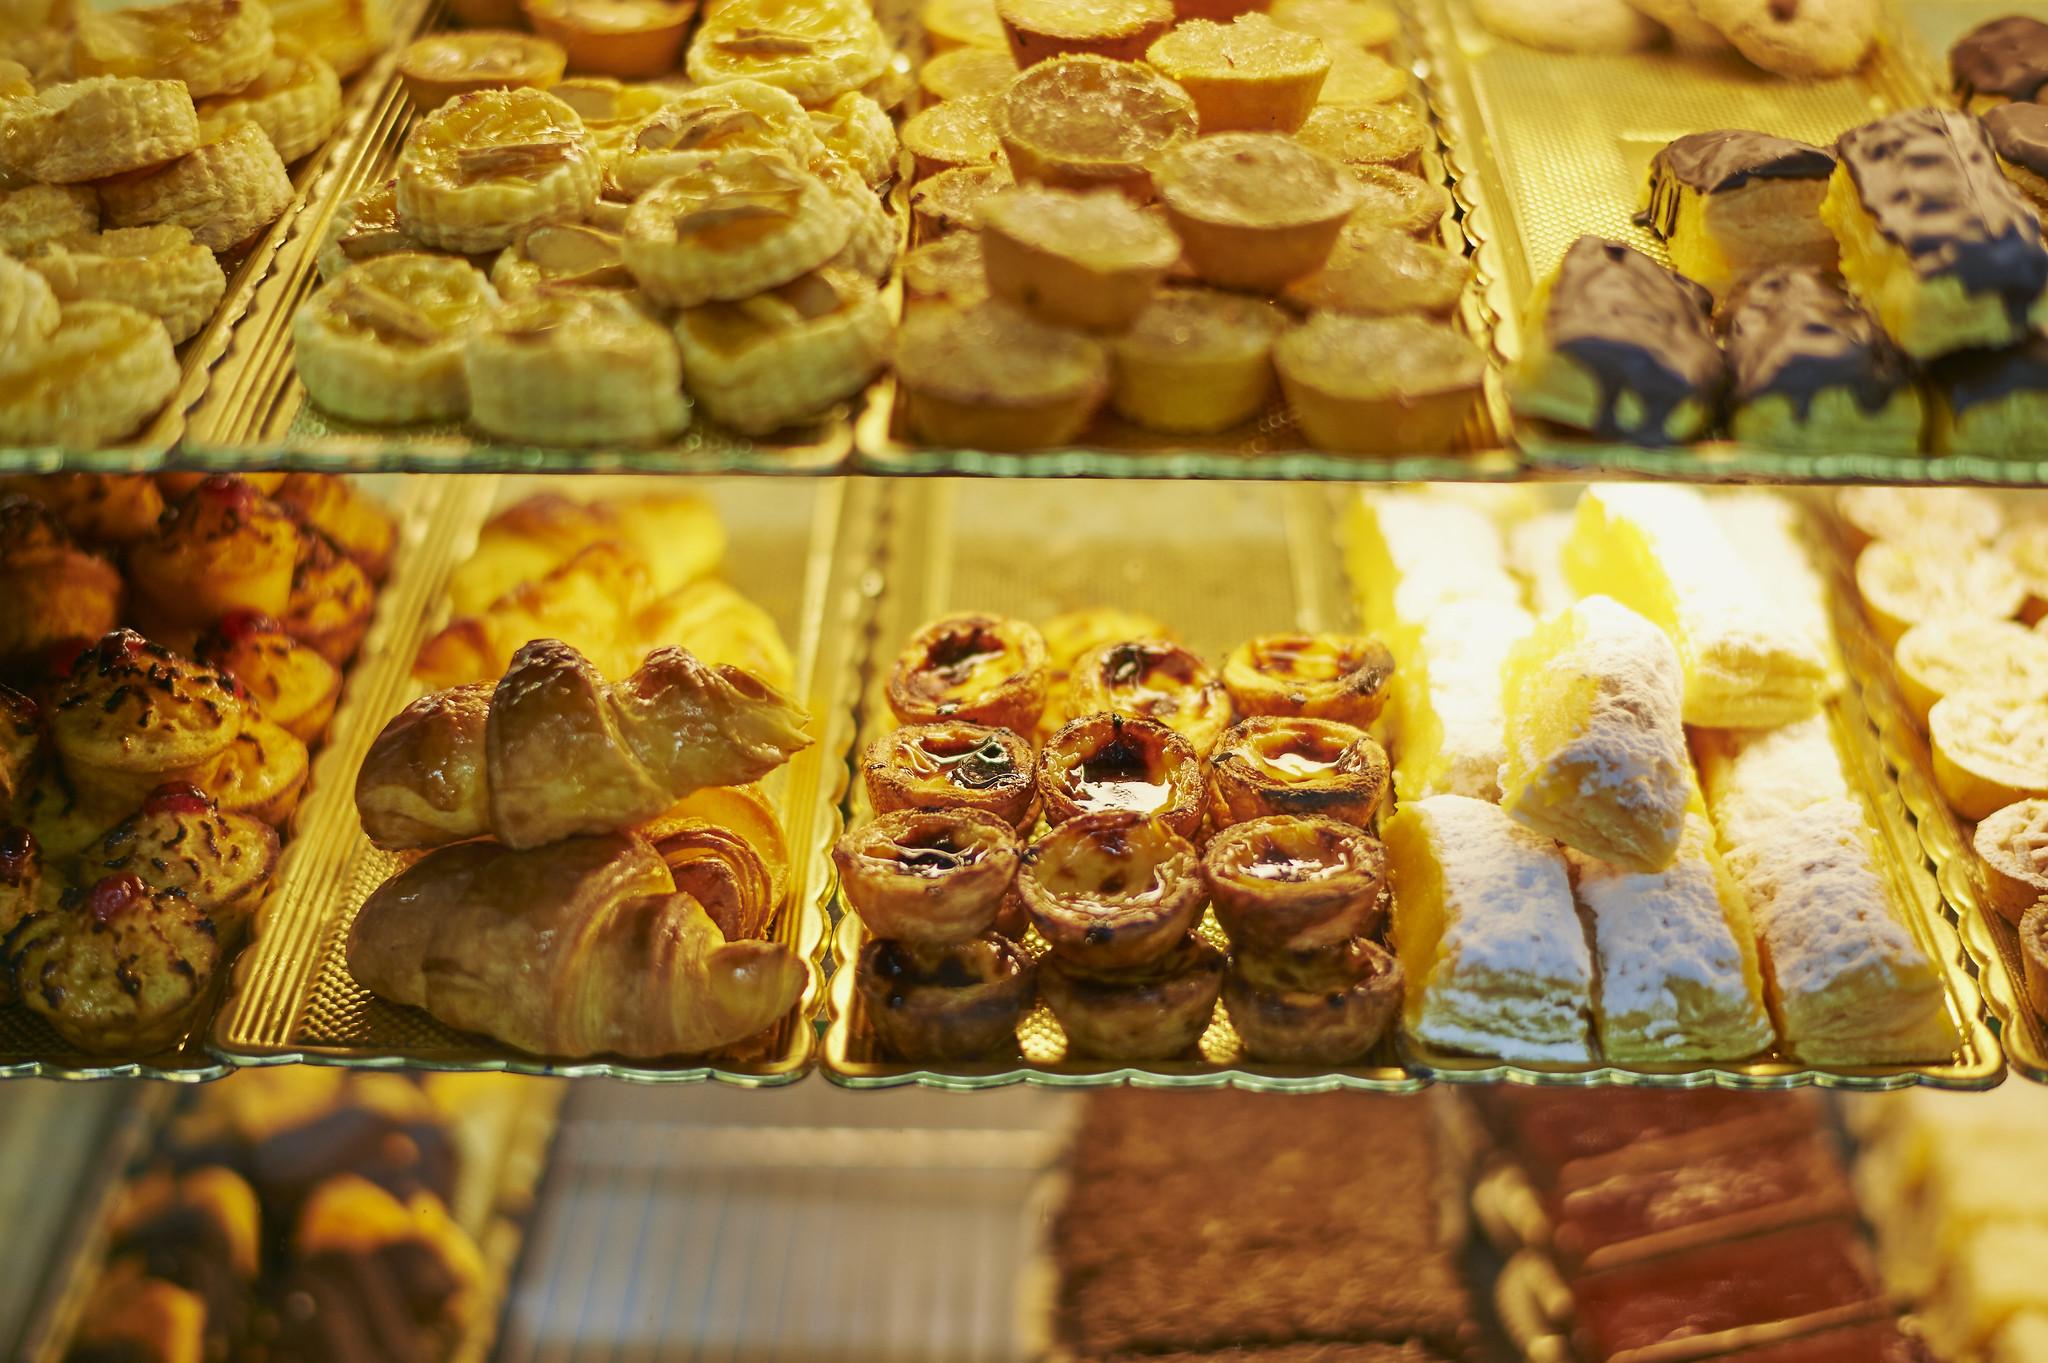 Os nossos 10 bolos favoritos das pastelarias lisboetas